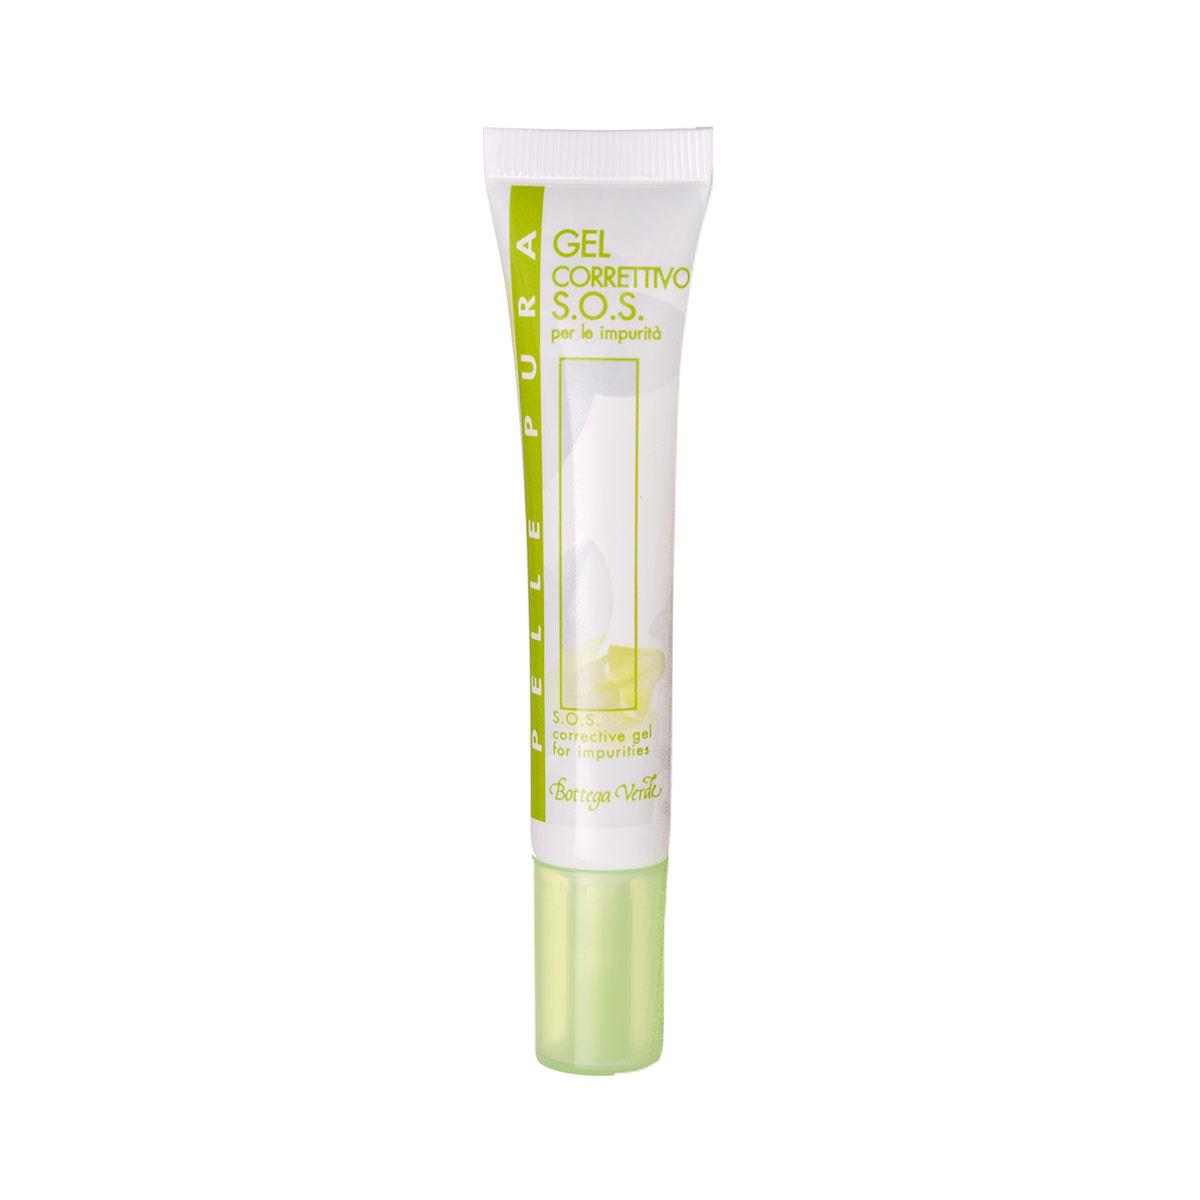 Pelle Pura - Gel correttivo S.O.S. per le impurità (15ml)